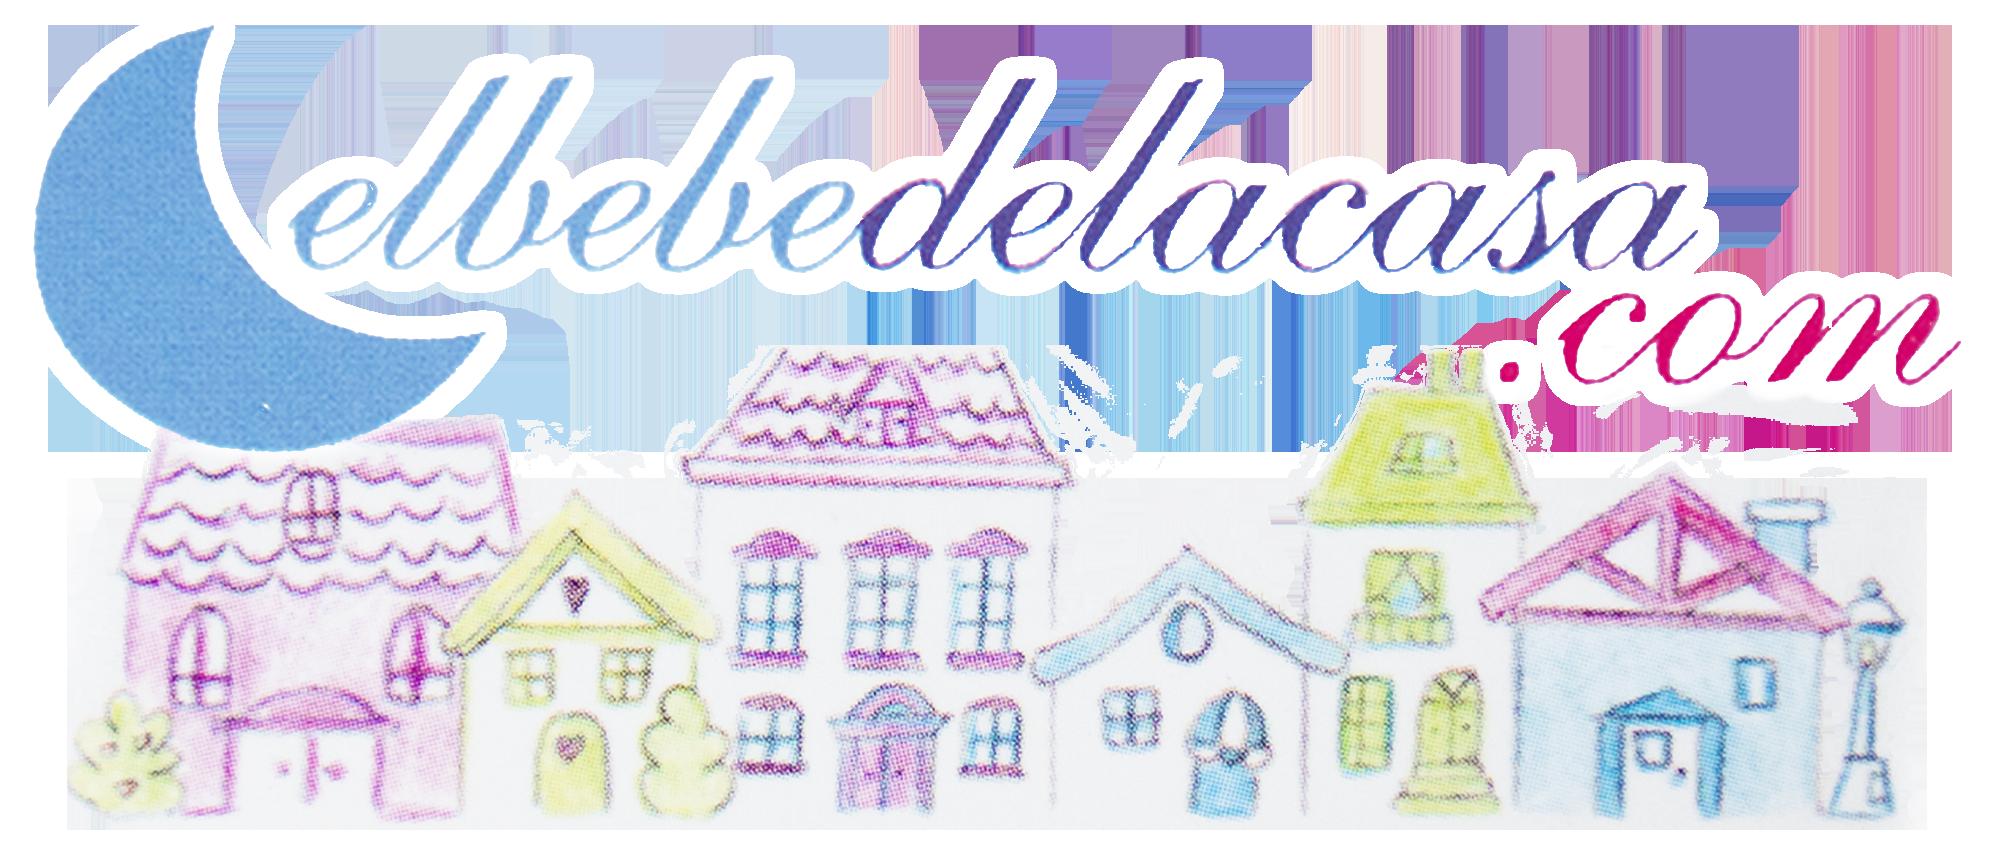 www.elbebedelacasa.com